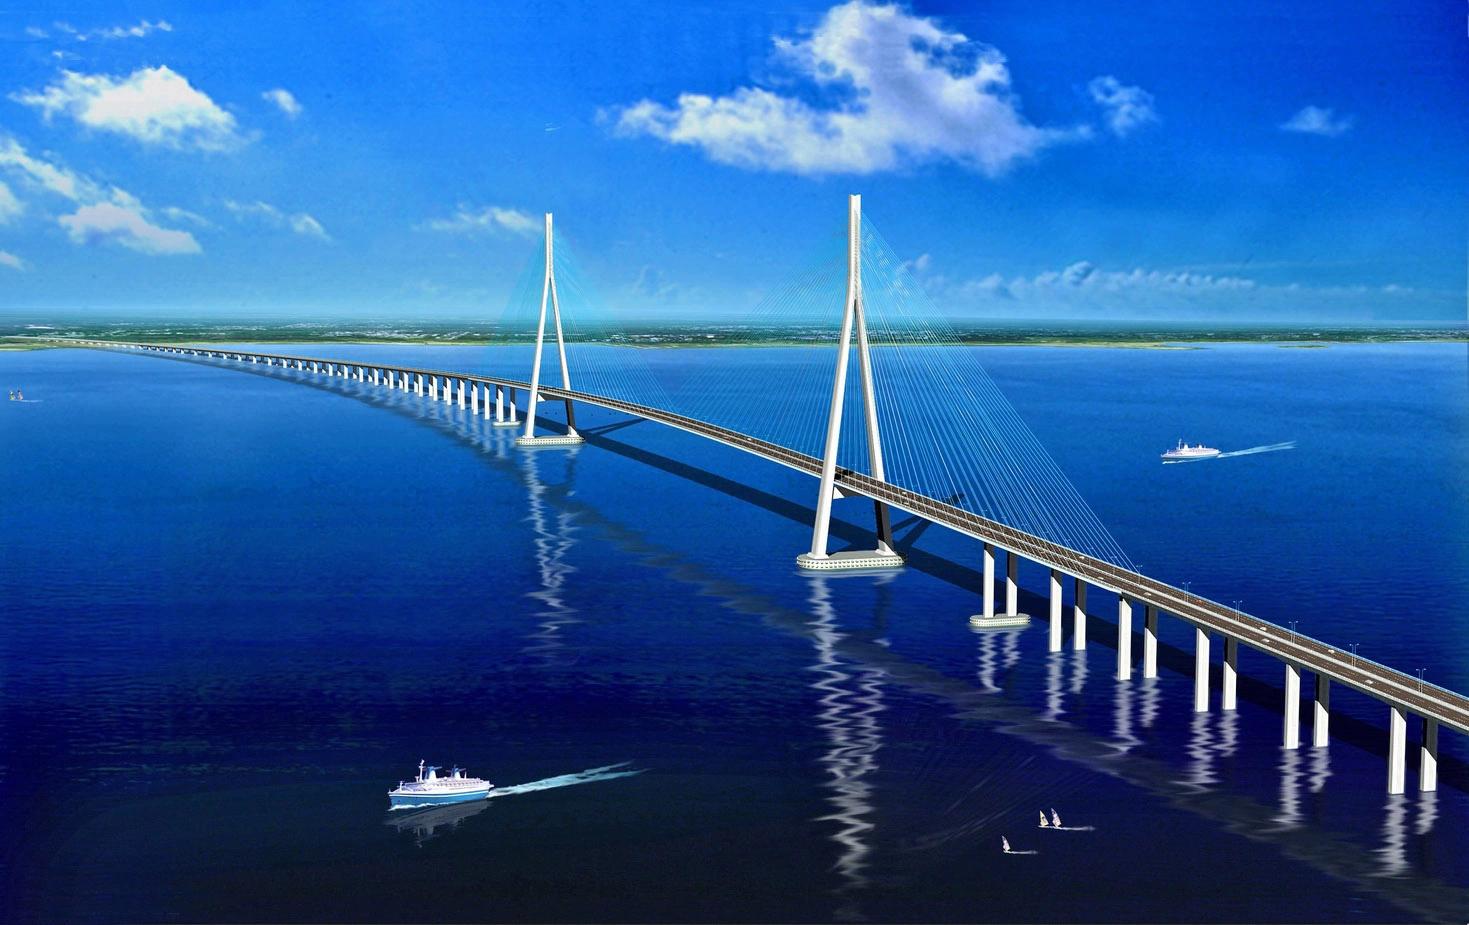 苏通长江公路大桥,位于江苏省东部的南通市和苏州